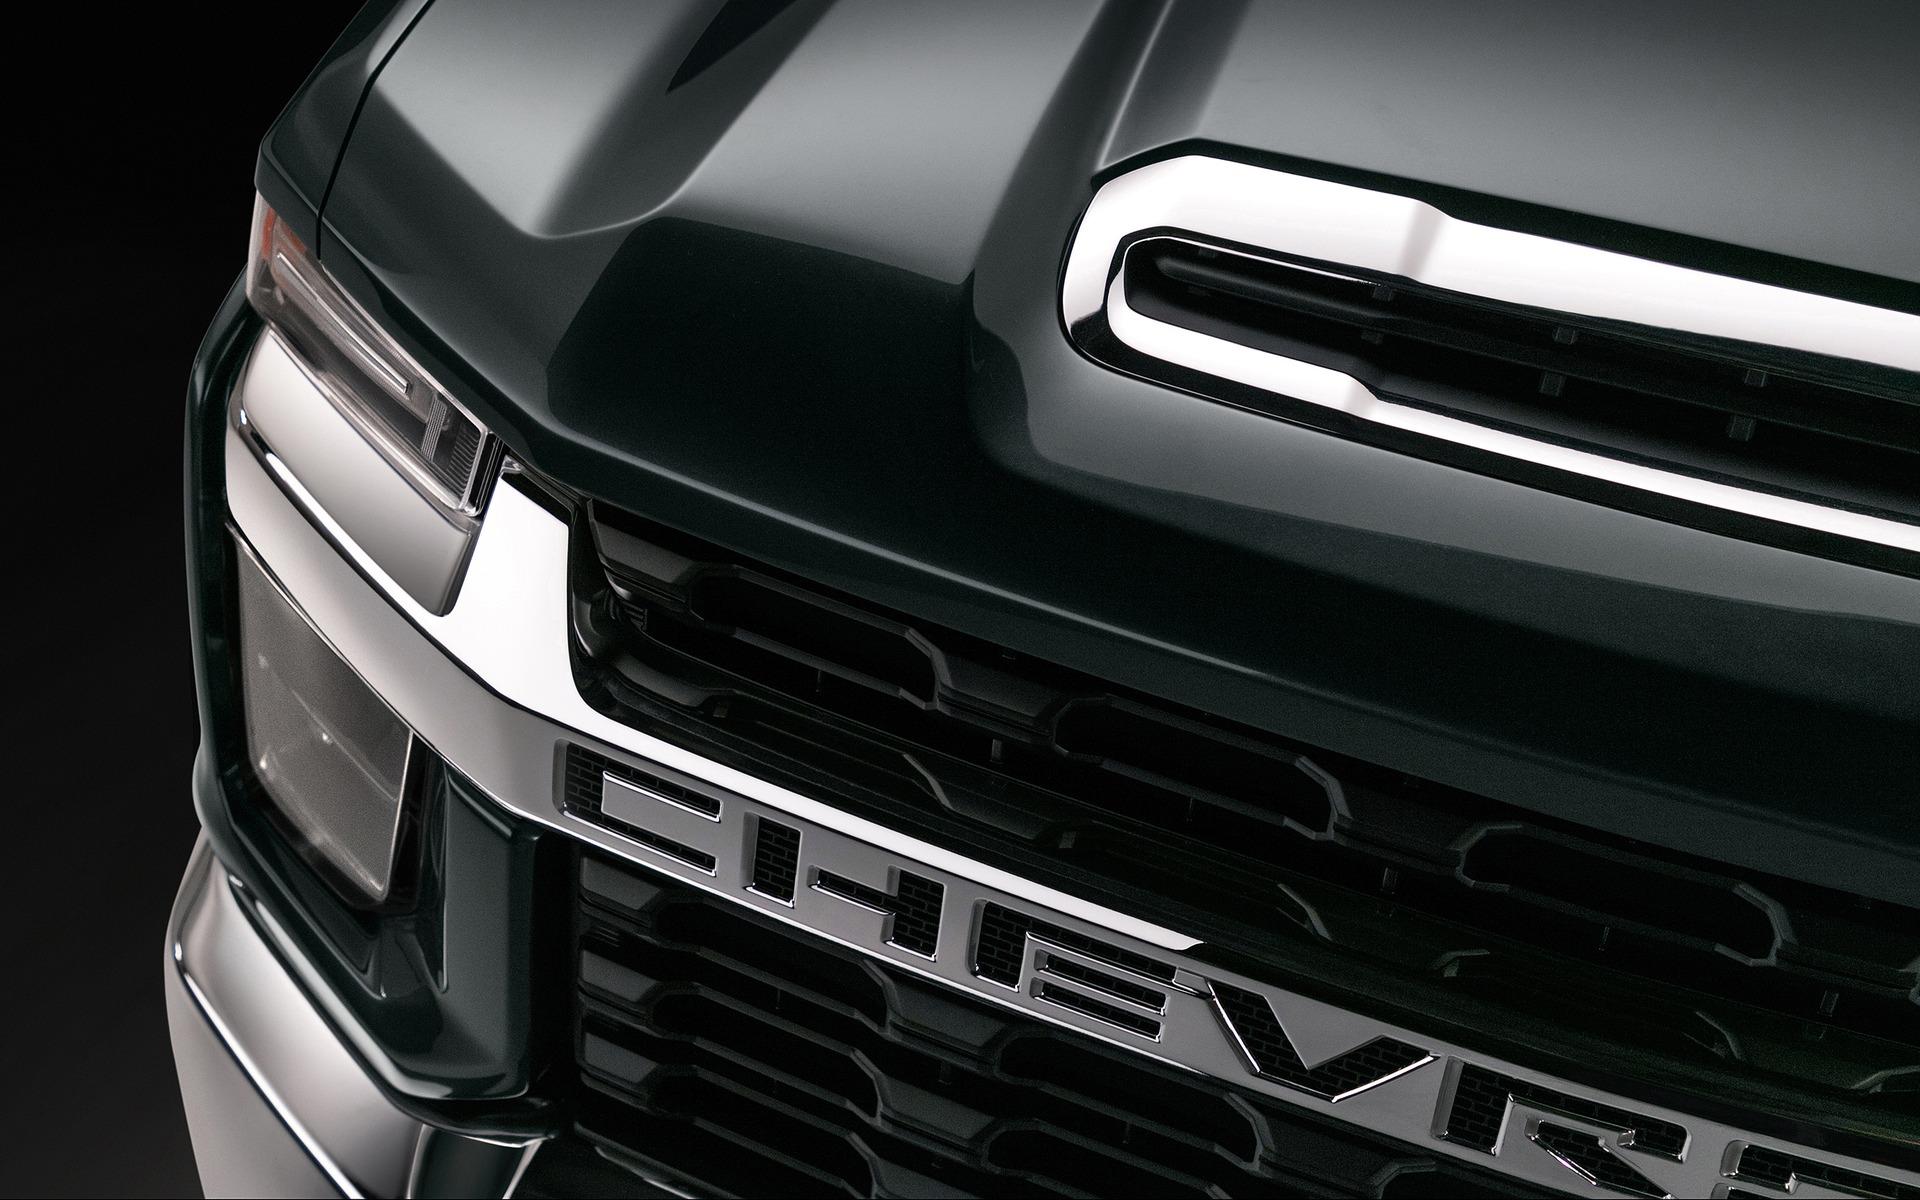 Le Chevrolet Silverado HD 2020 n'a pas l'air content 359481_Le_Chevrolet_Silverado_HD_2020_n_a_pas_l_air_content